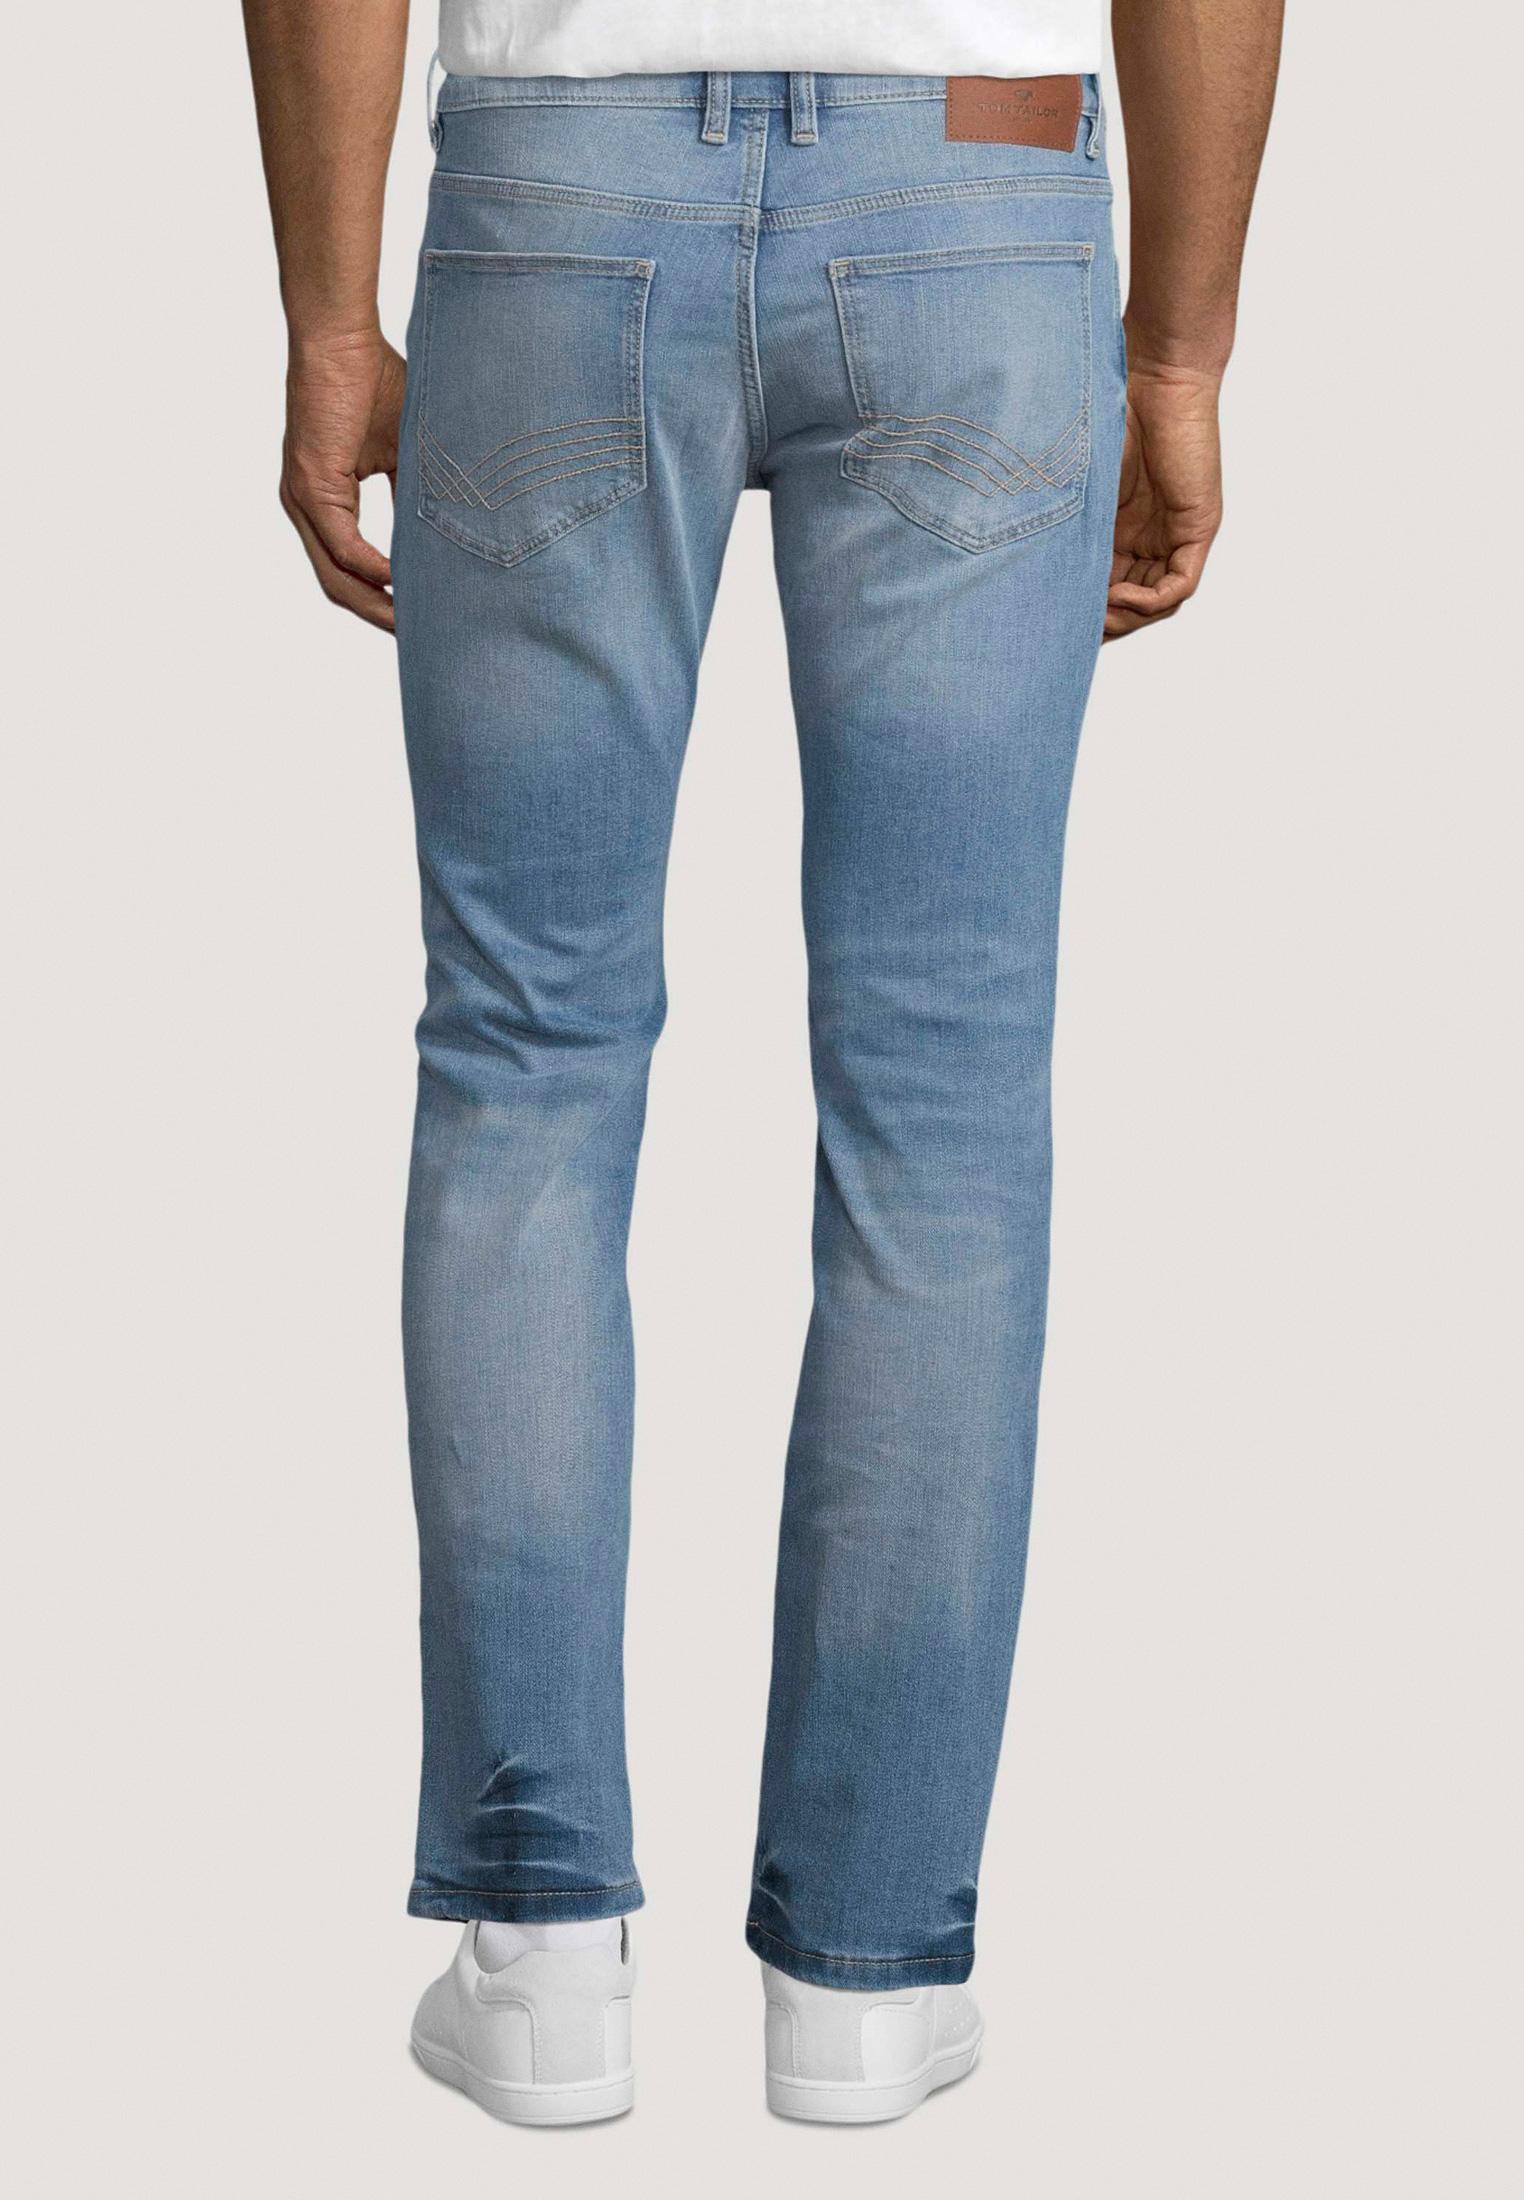 Зауженные джинсы Tom Tailor (Том Тейлор) 1024647: изображение 3